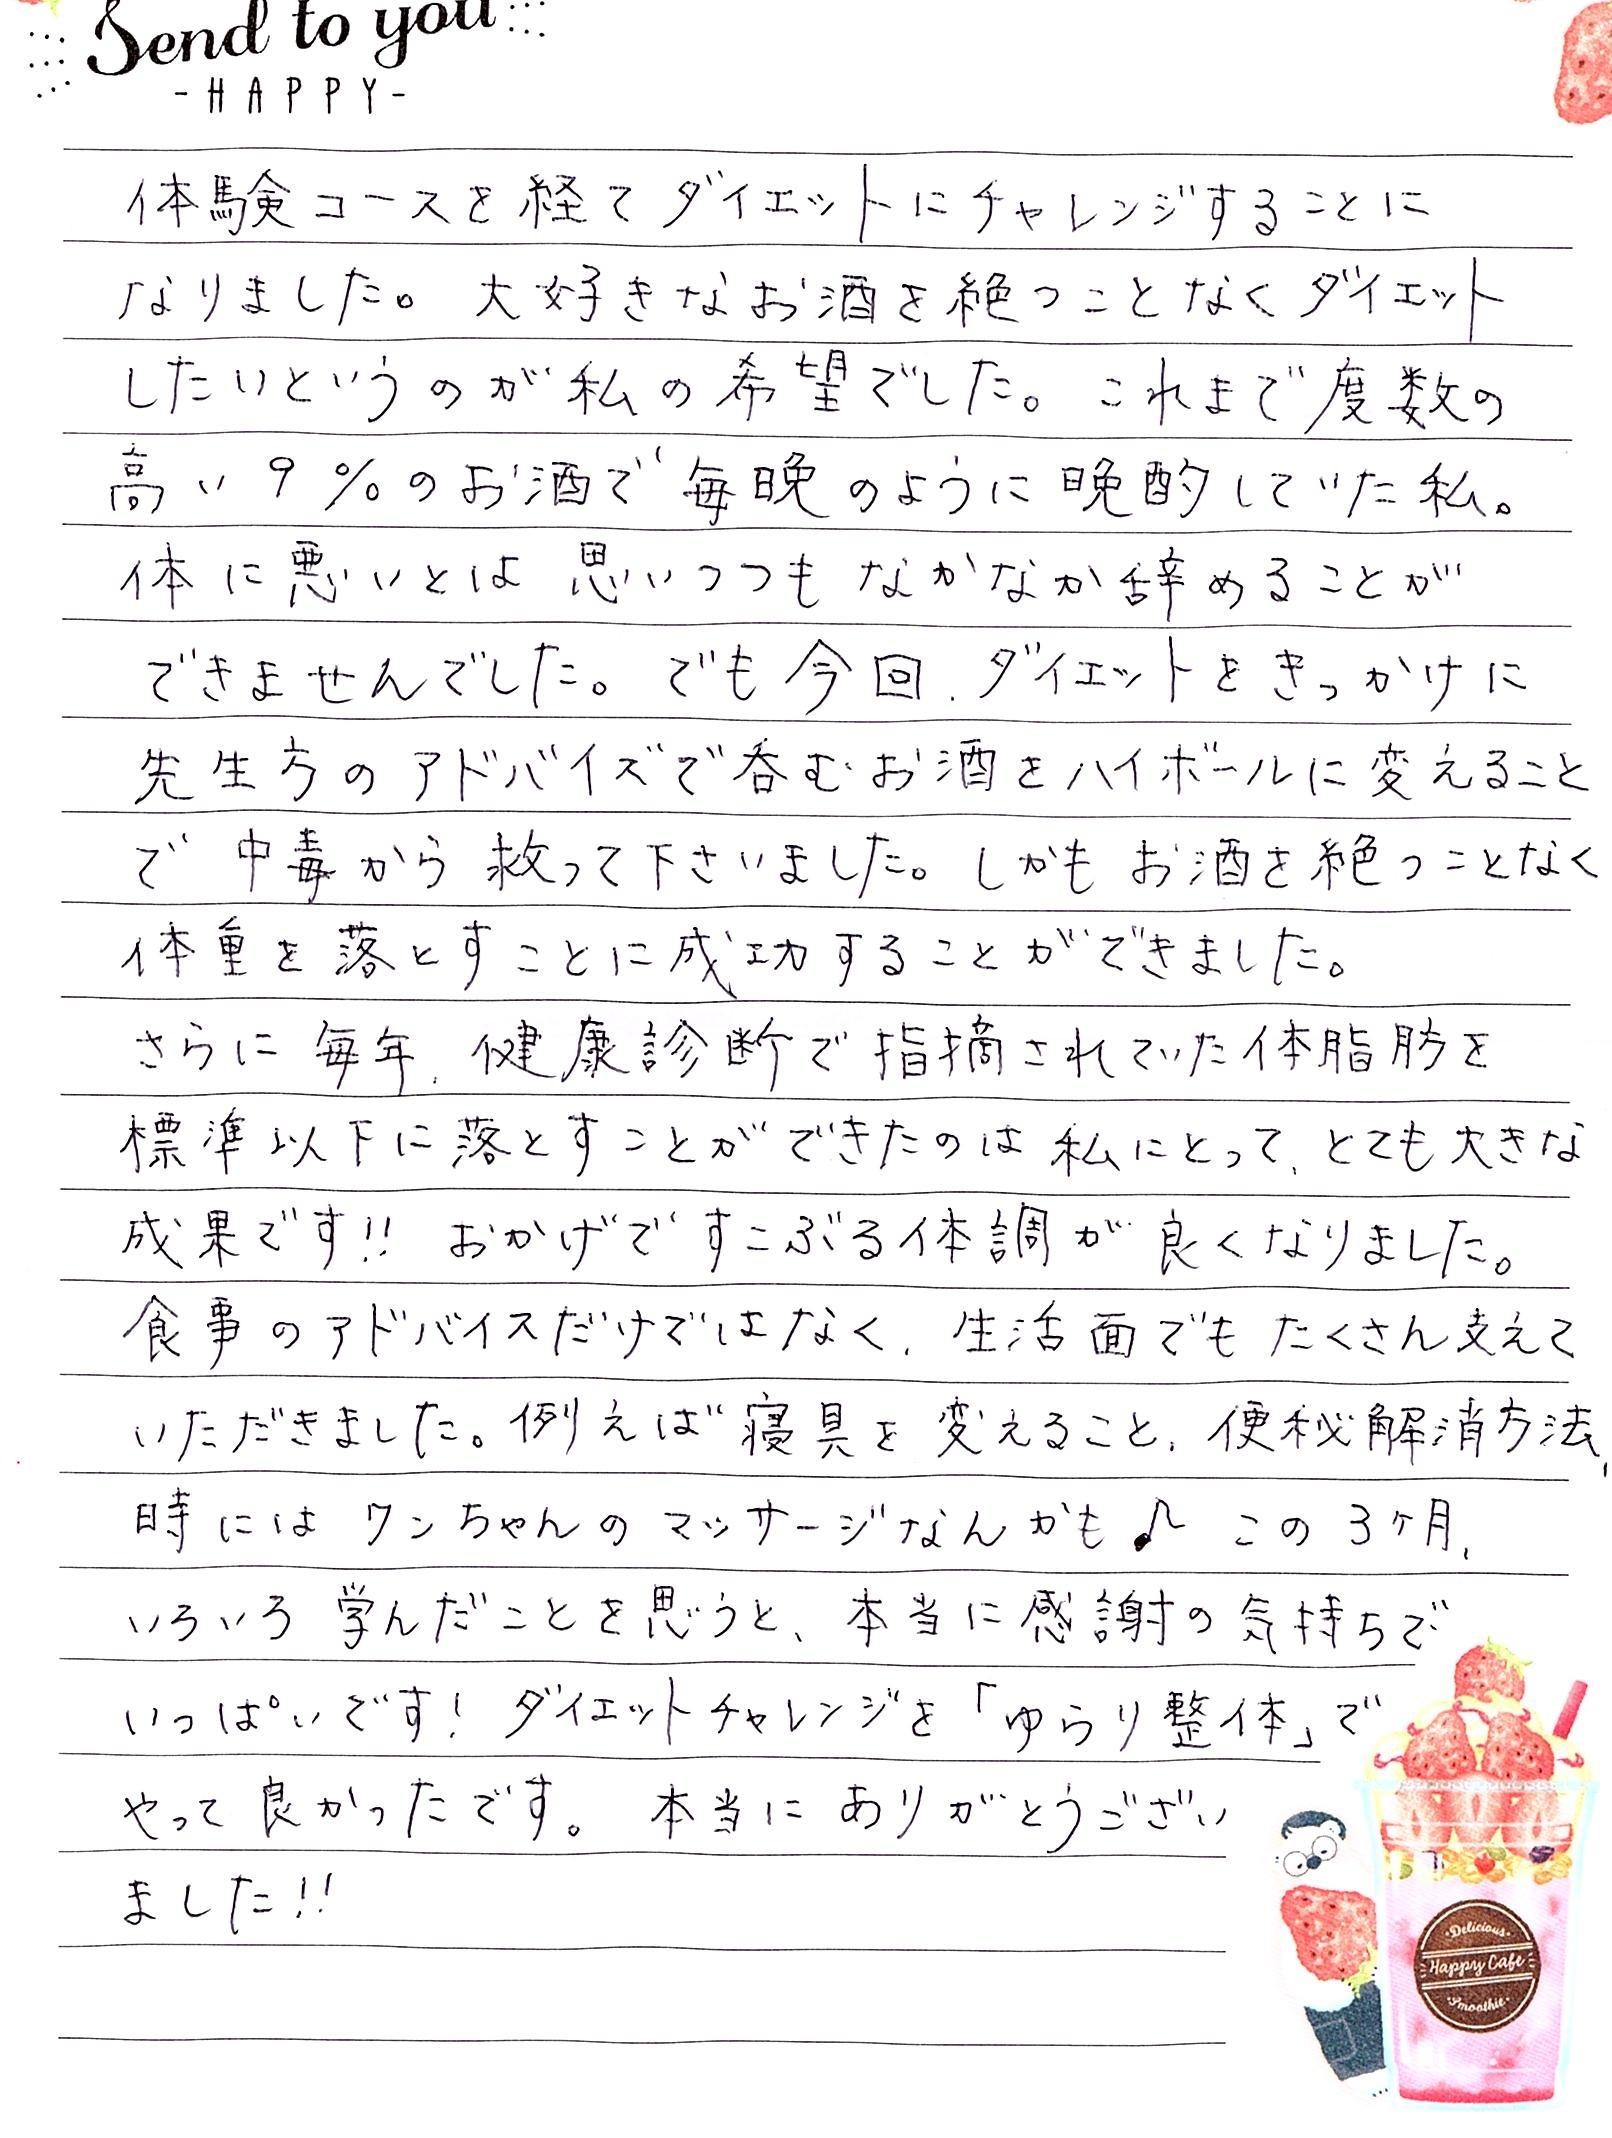 新田麻紀子さん手紙